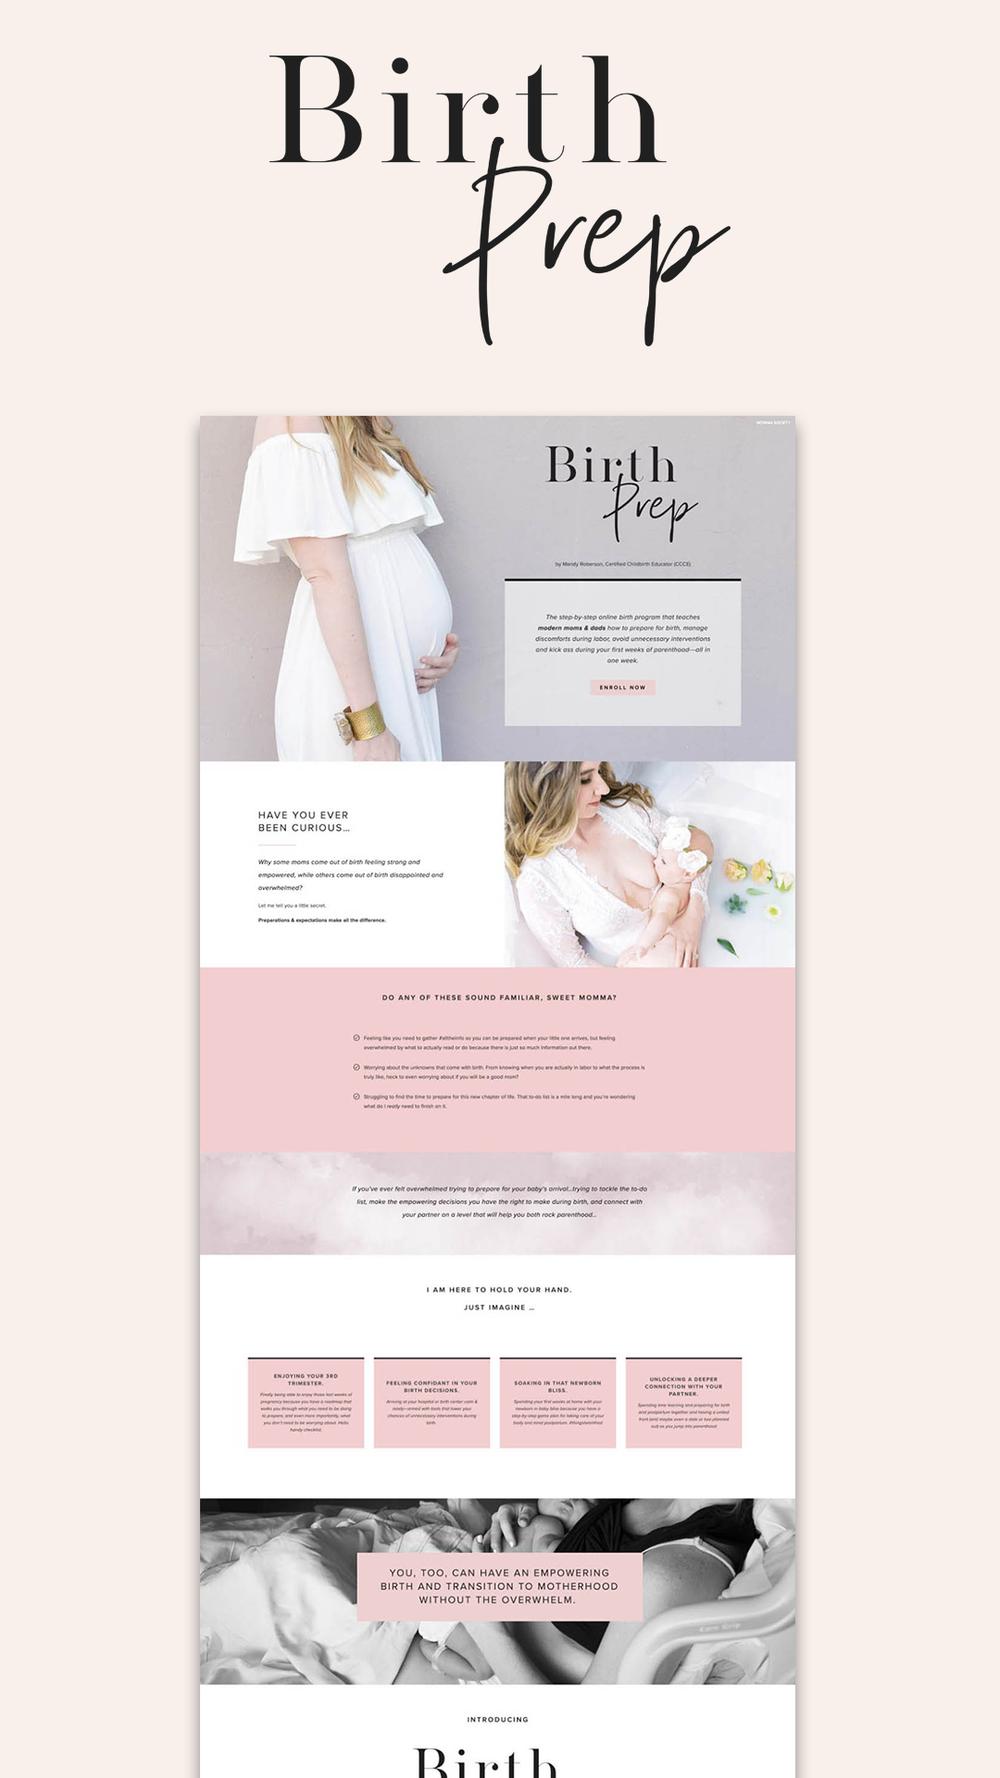 Birth Prep sales page | Squarespace design by Jodi Neufeld Design